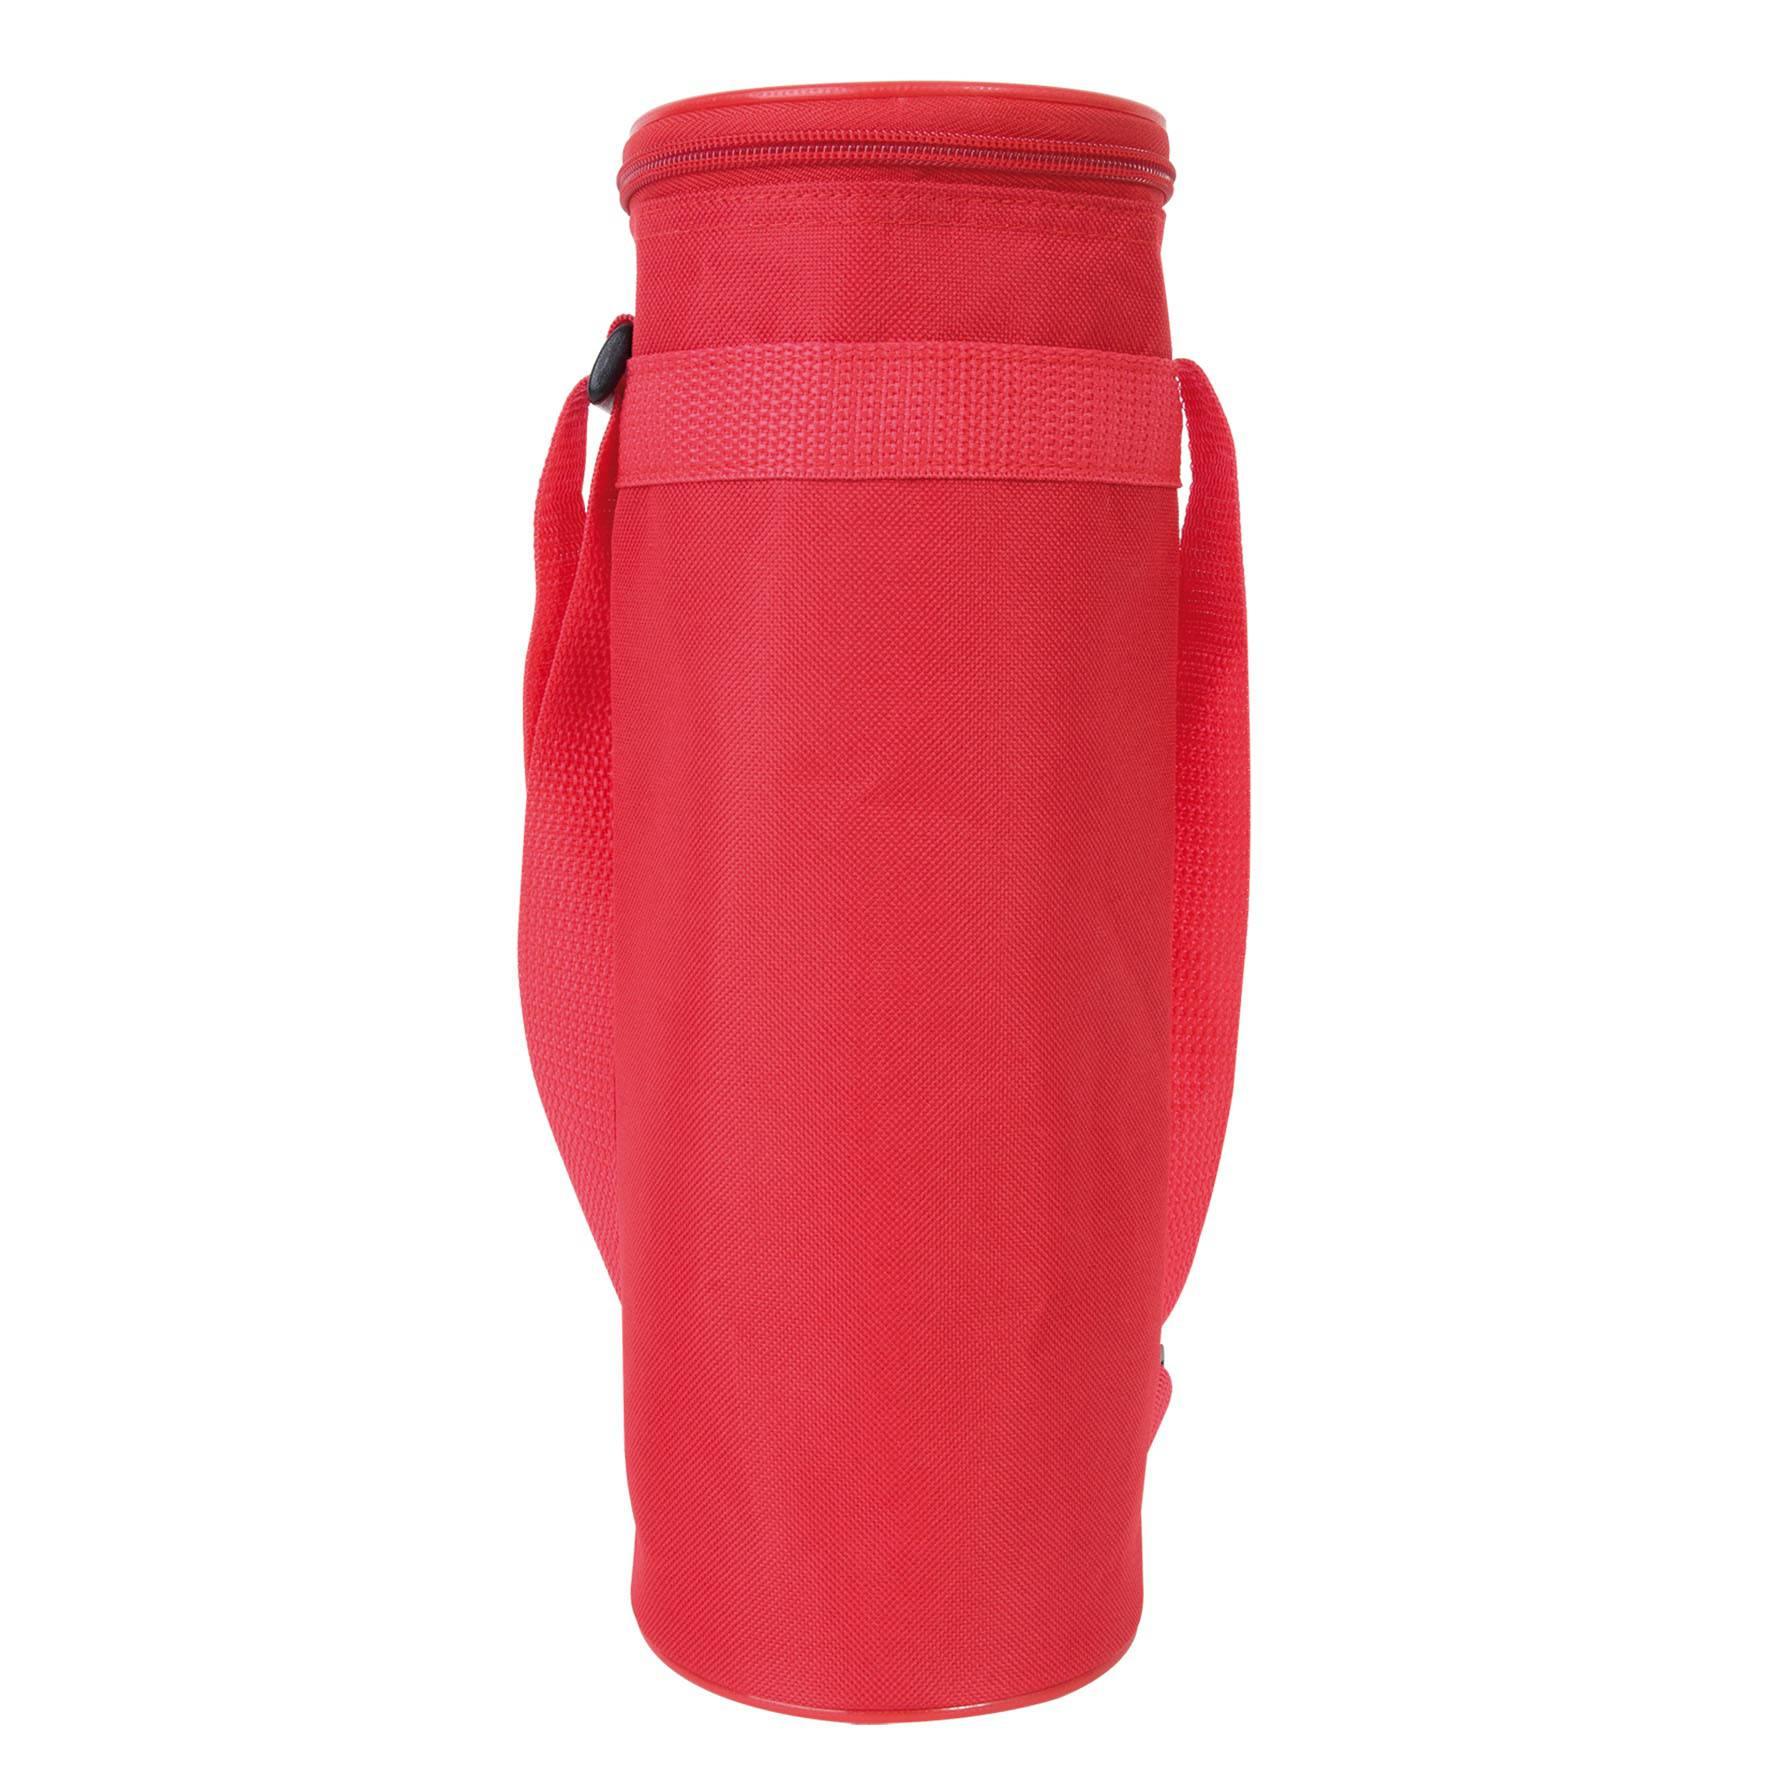 Cadeau promotionnel - Sac isotherme pour bouteille 1,5 l - rouge